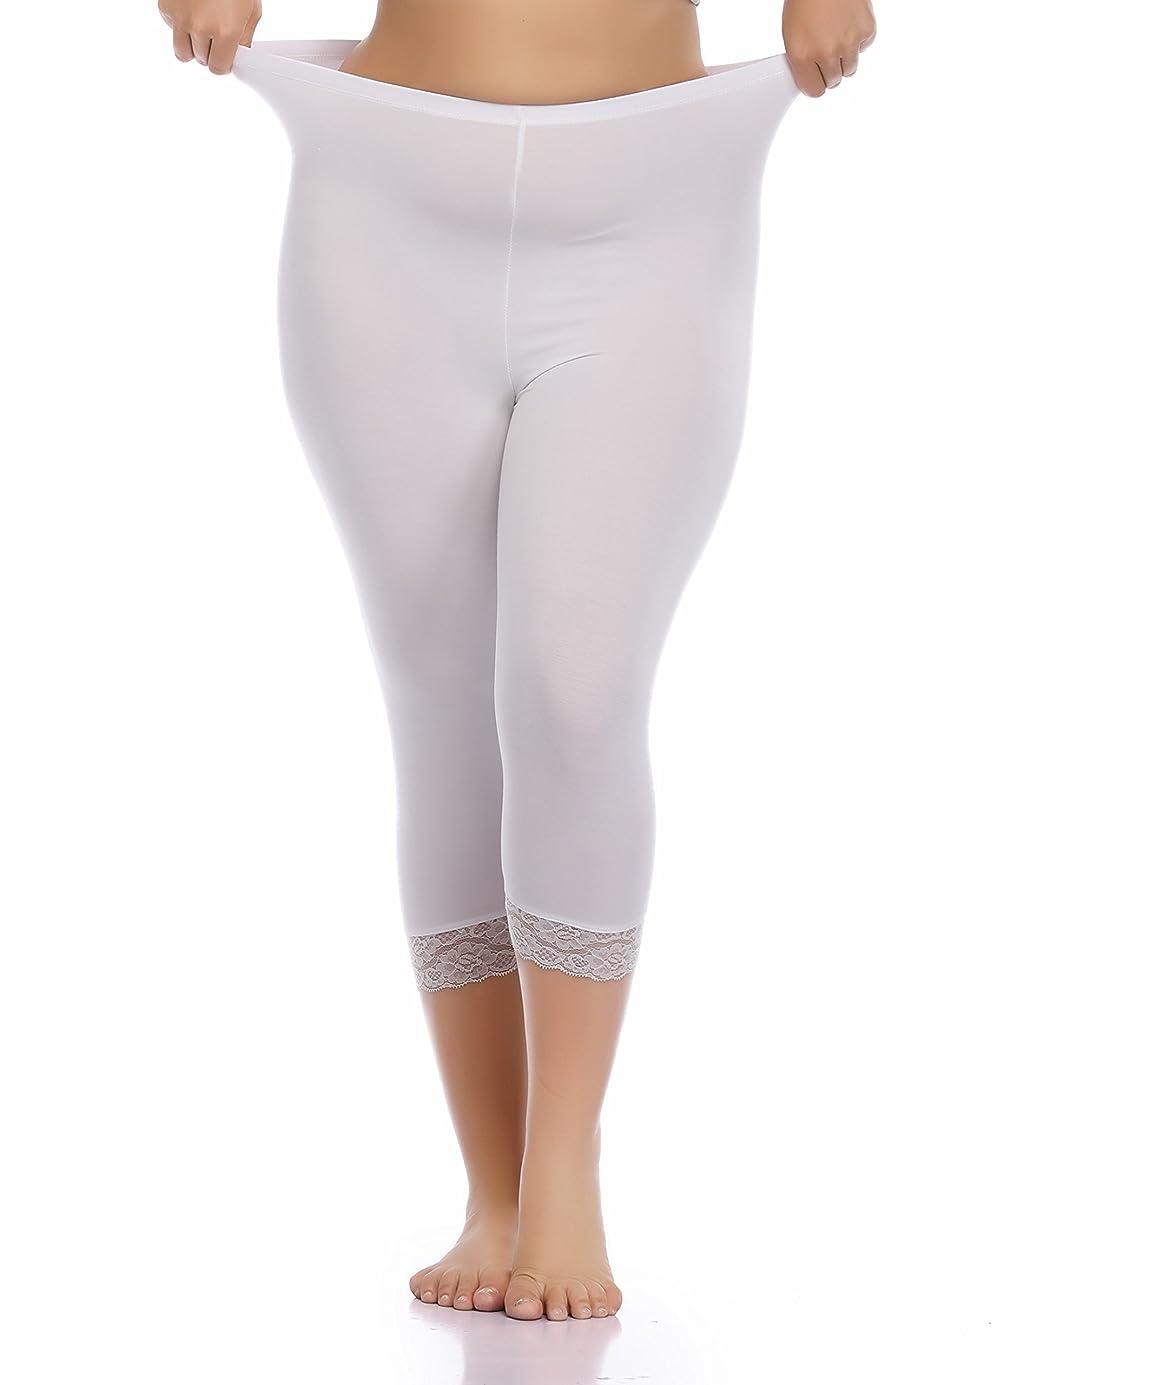 Women's Plus Size Lace Trim Soft Modal Cotton Leggings Workout Tights Pants Cropped Length fmhiem8163